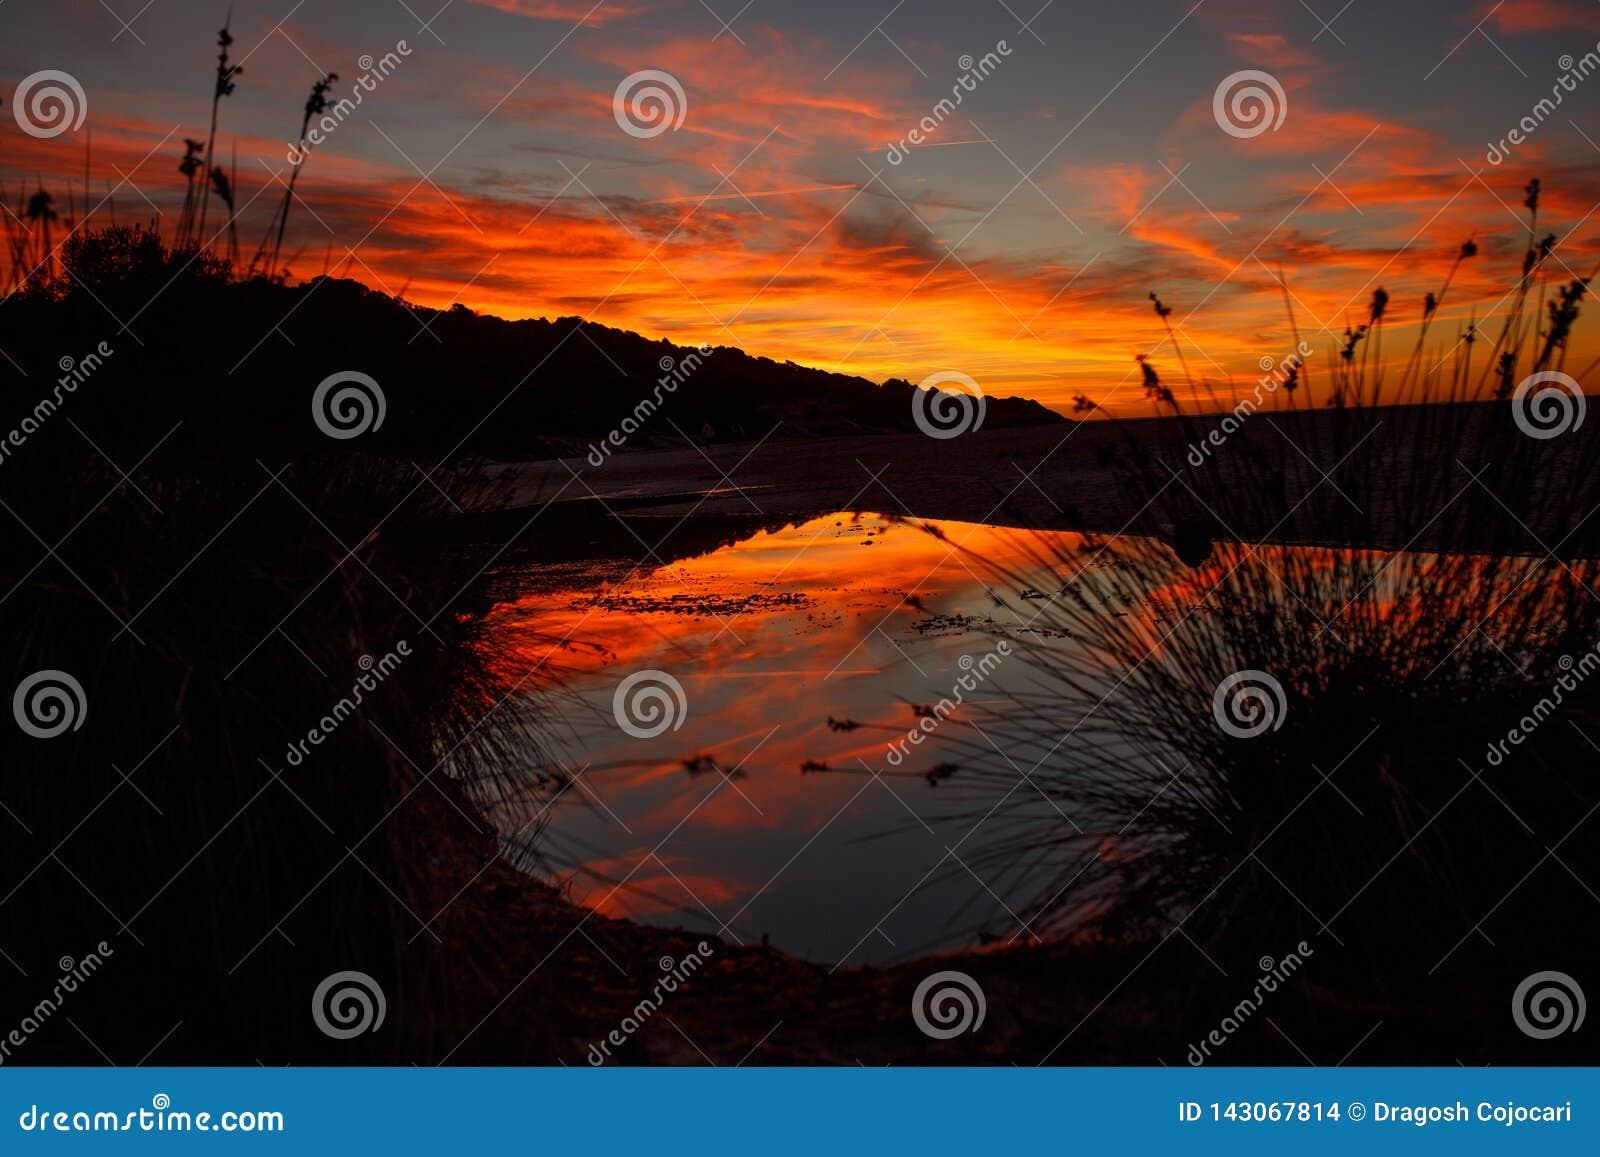 在海岛和天空的令人惊讶的燃烧的日落风景在它上与令人敬畏的太阳 在海滩的日落视图